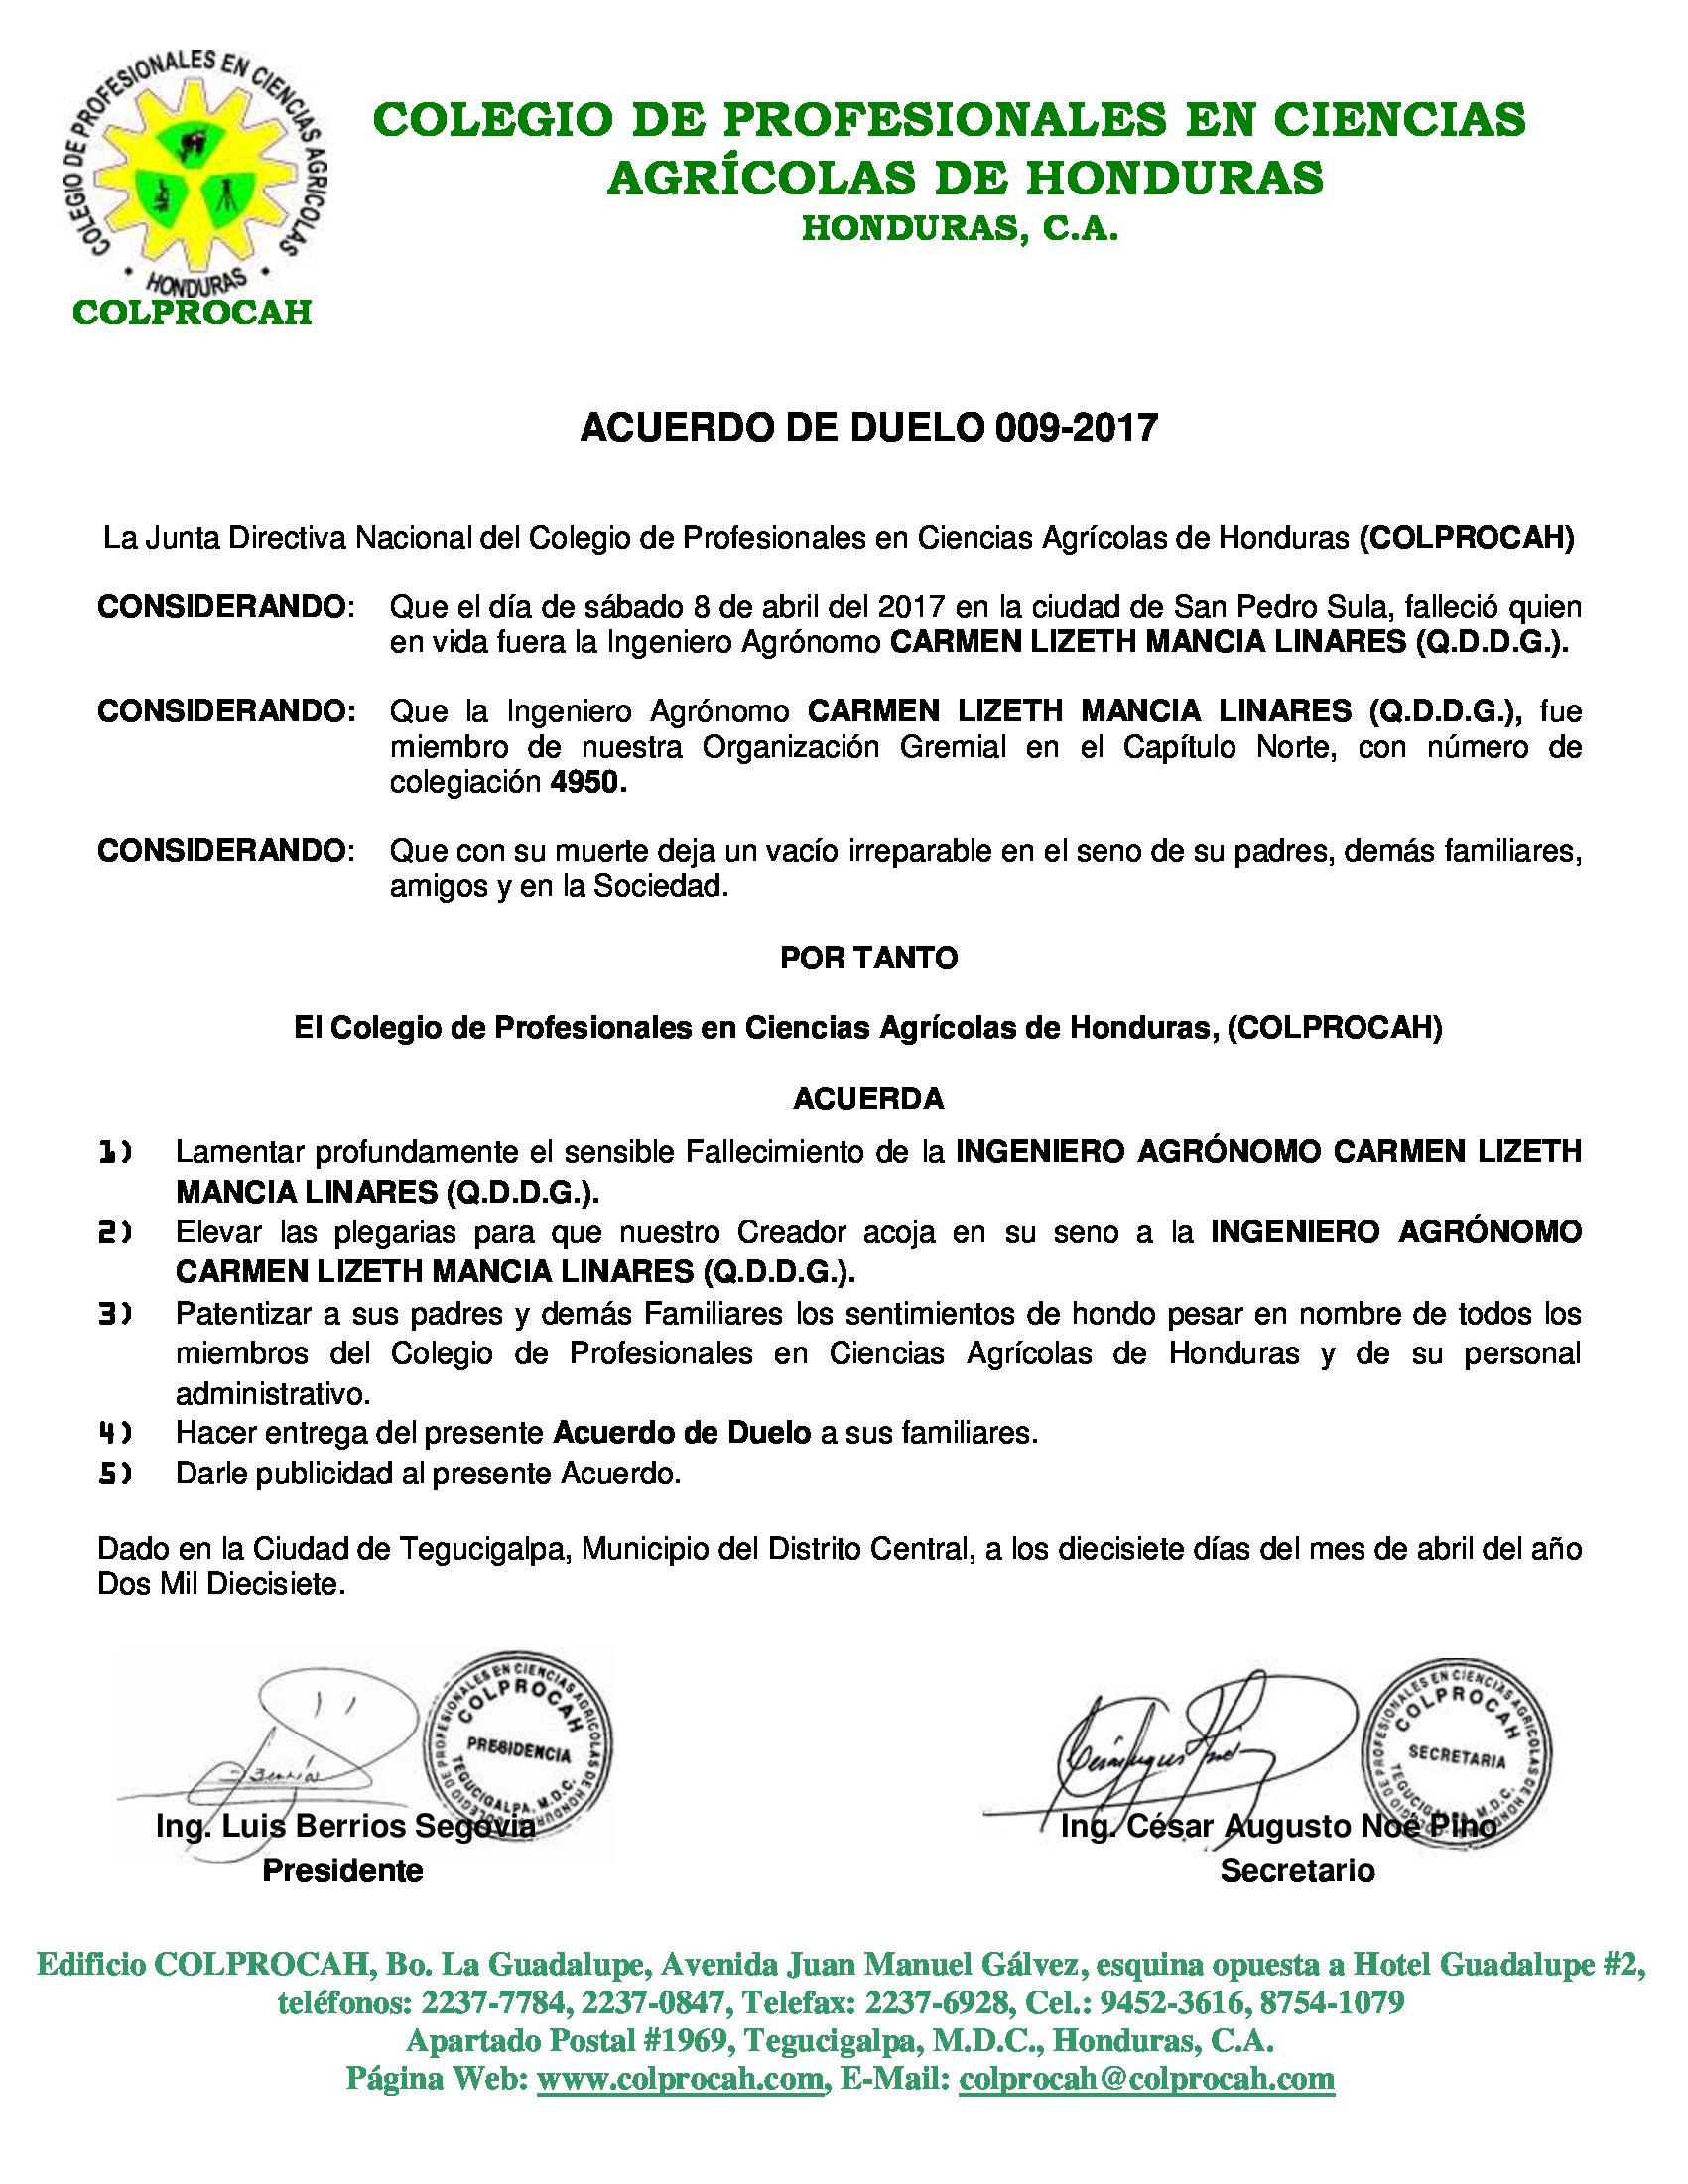 Acuerdo de Duelo 009-2017 CARMEN LIZETH MANCIA LINARES